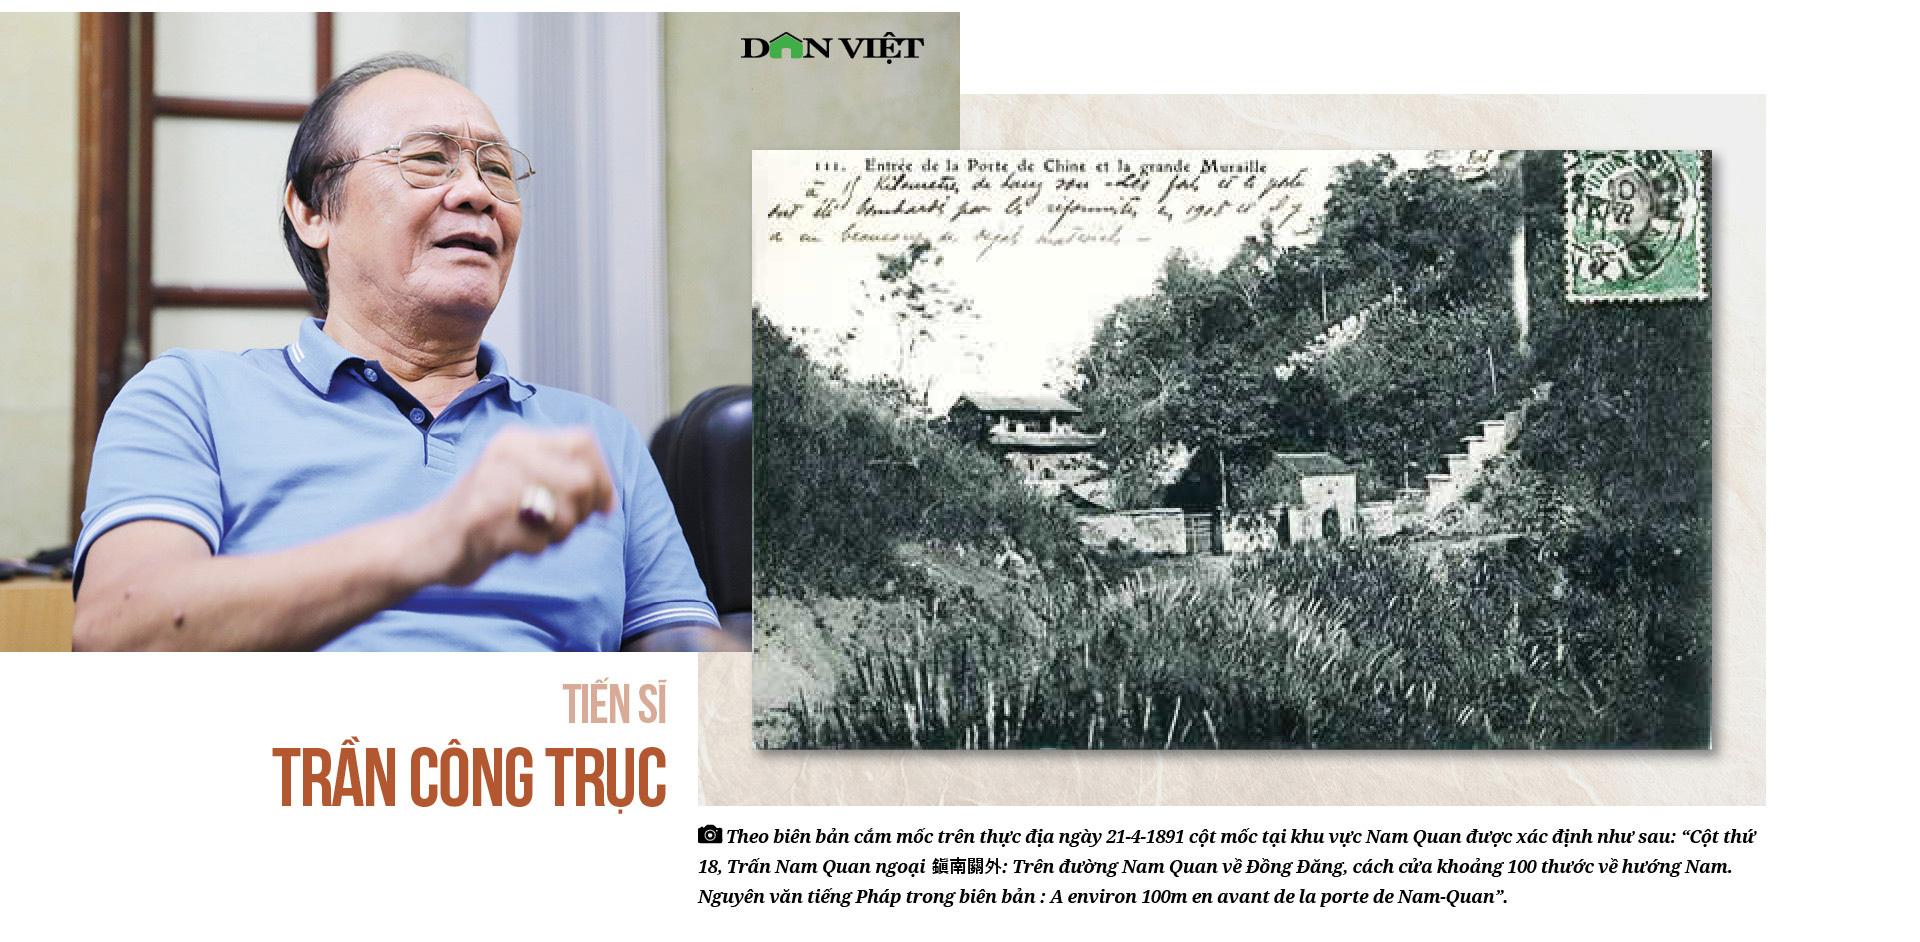 """Tiến sĩ Trần Công Trục: """"Không có chuyện Việt Nam bán đất, bán thác cho Trung Quốc"""" - Ảnh 2."""